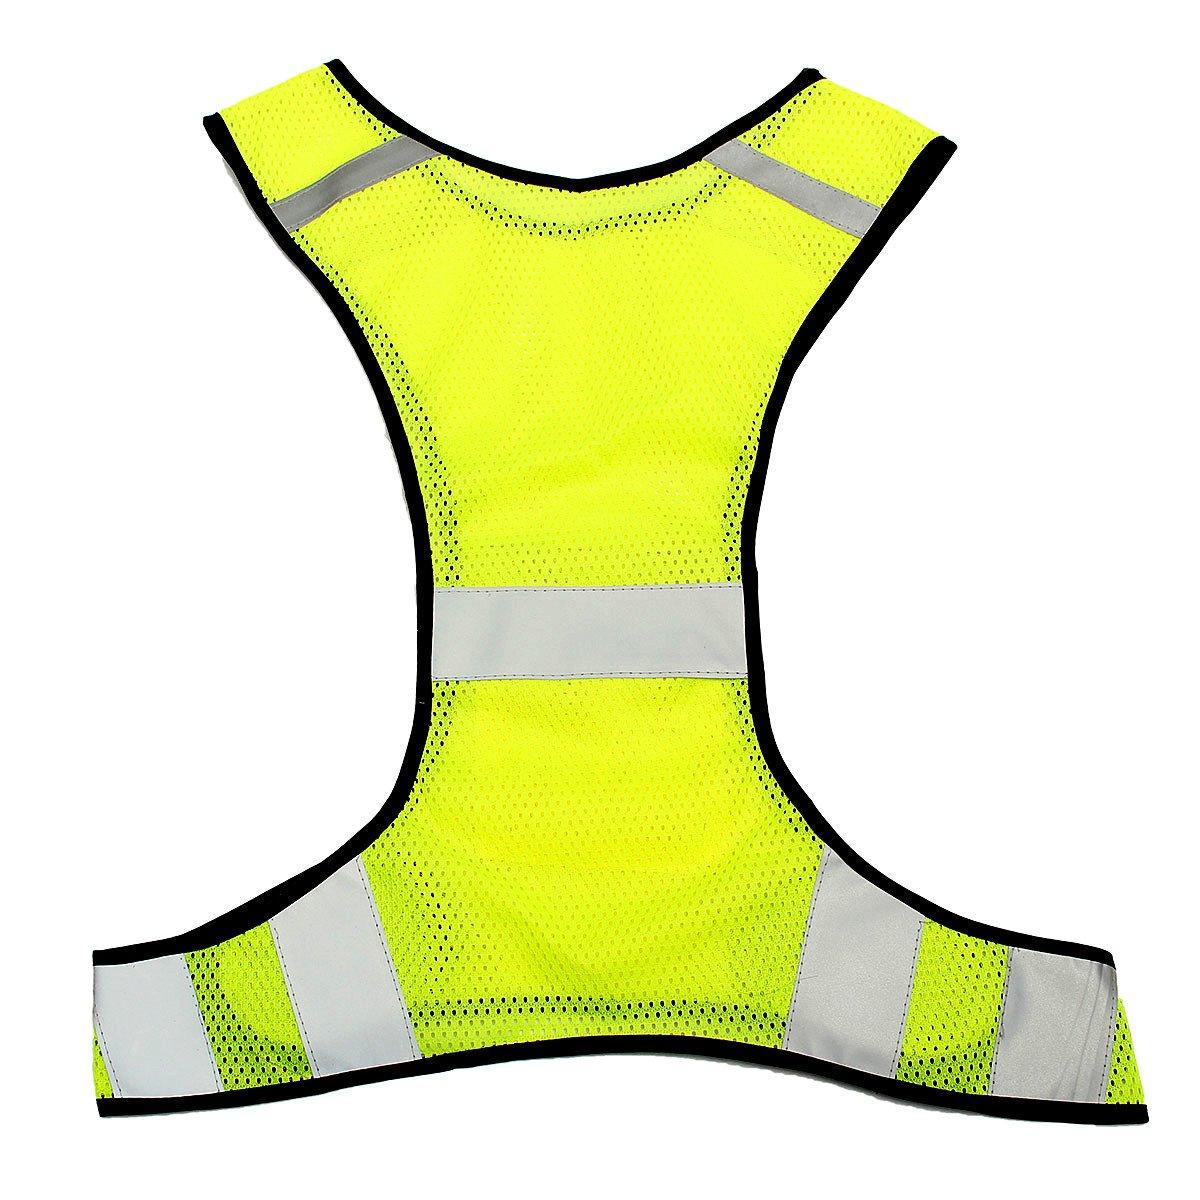 KING DO WAY Gilet Riflettente Regolabile Giacche Catarifrangenti Alta Visibilità Lavoro Notturno Giallo Giallo Fluorescente 47cmX55cm